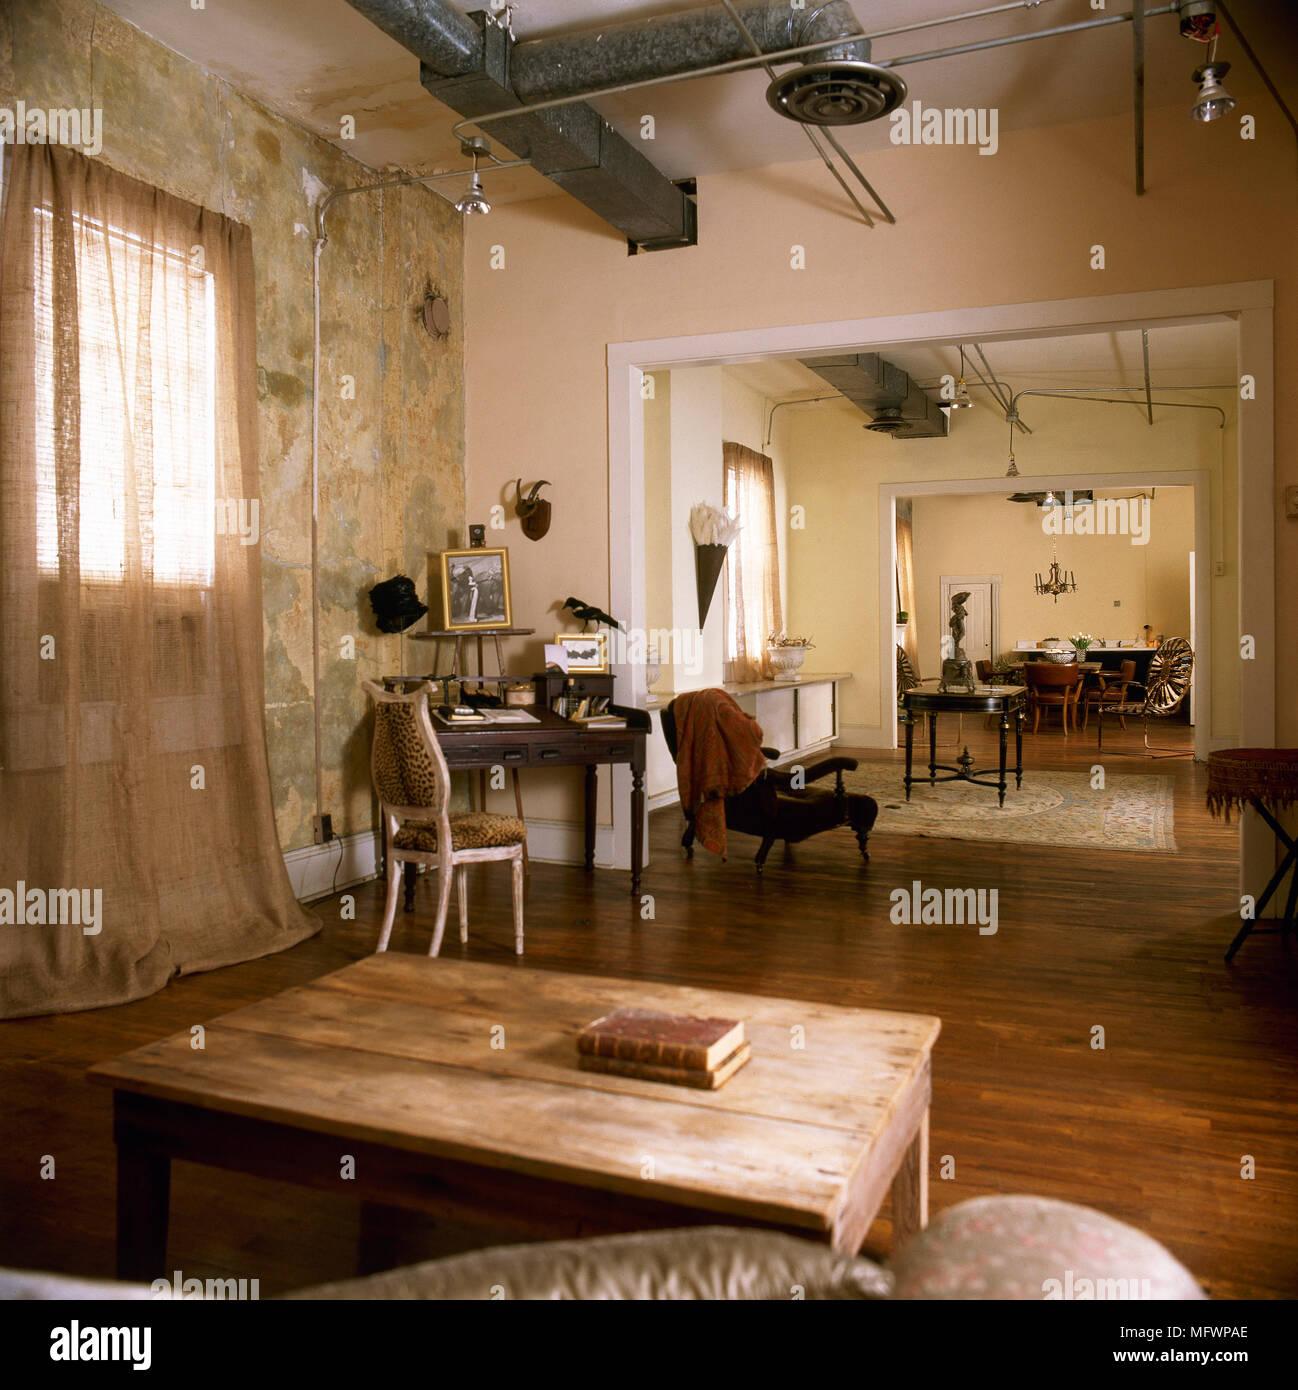 Wunderbar Landhausstil Offenen Gelben Wohnzimmer Mit Esszimmer über